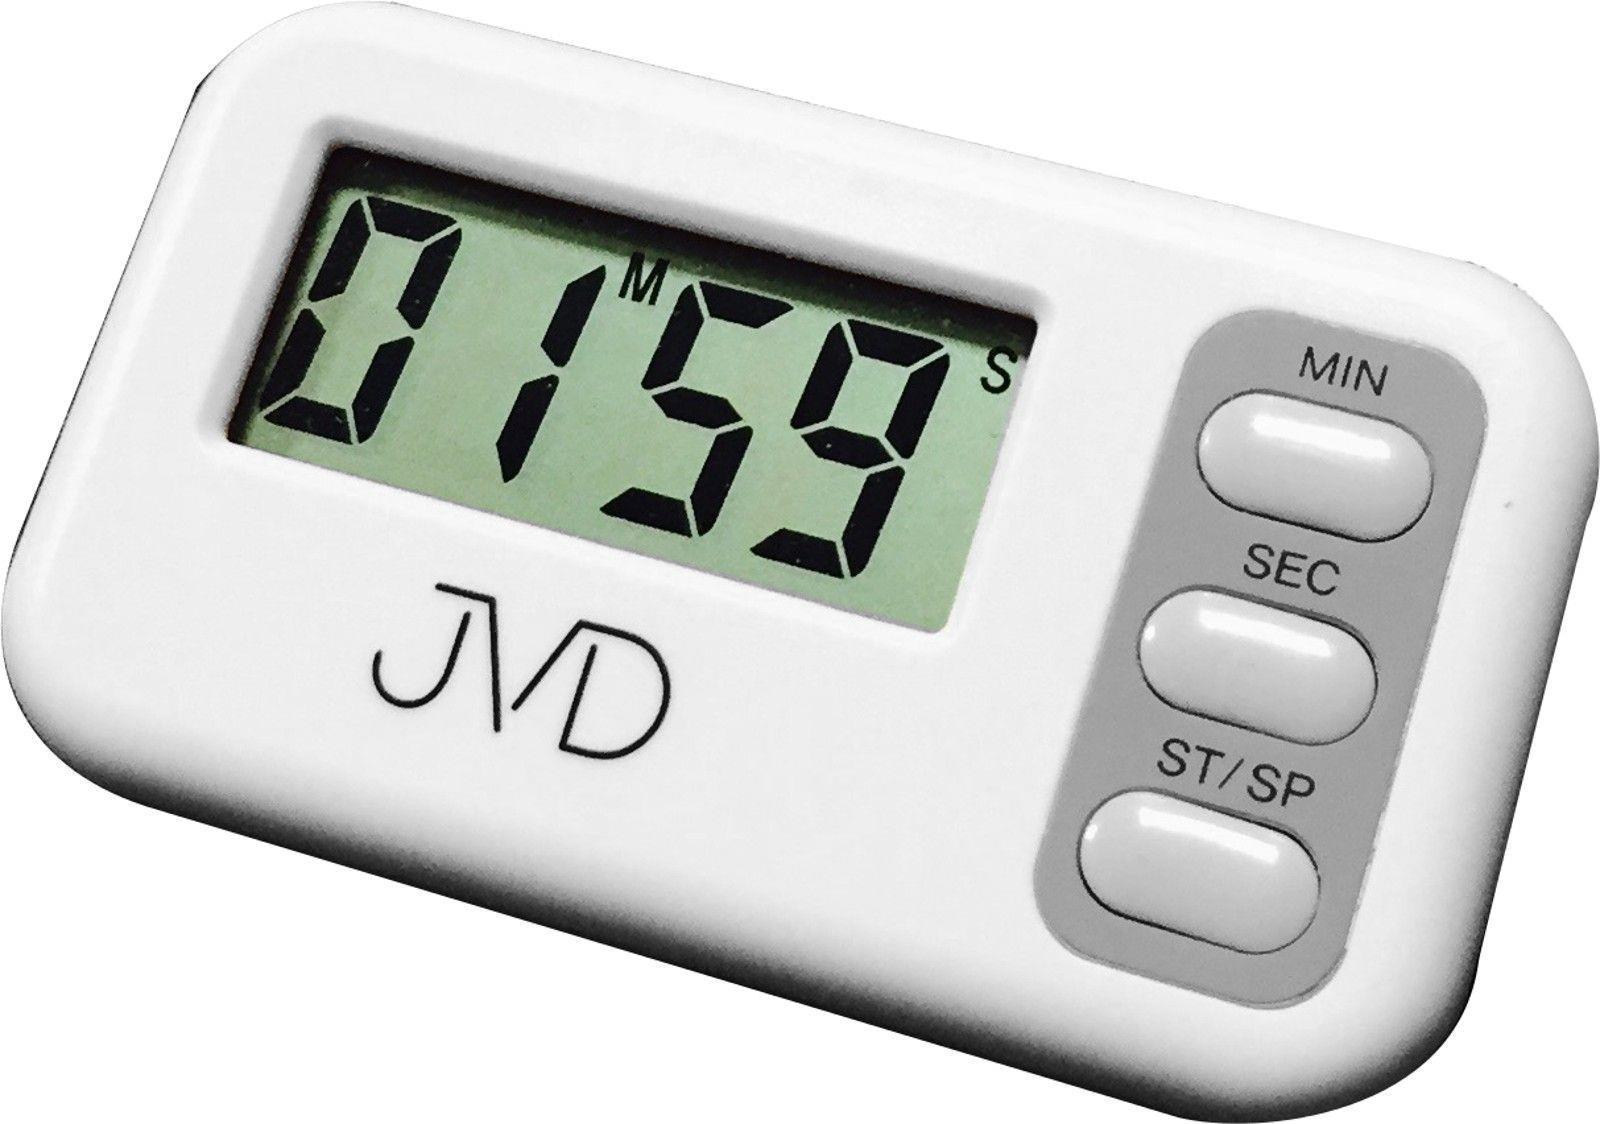 Minutnik JVD DM62 Magnes Klips